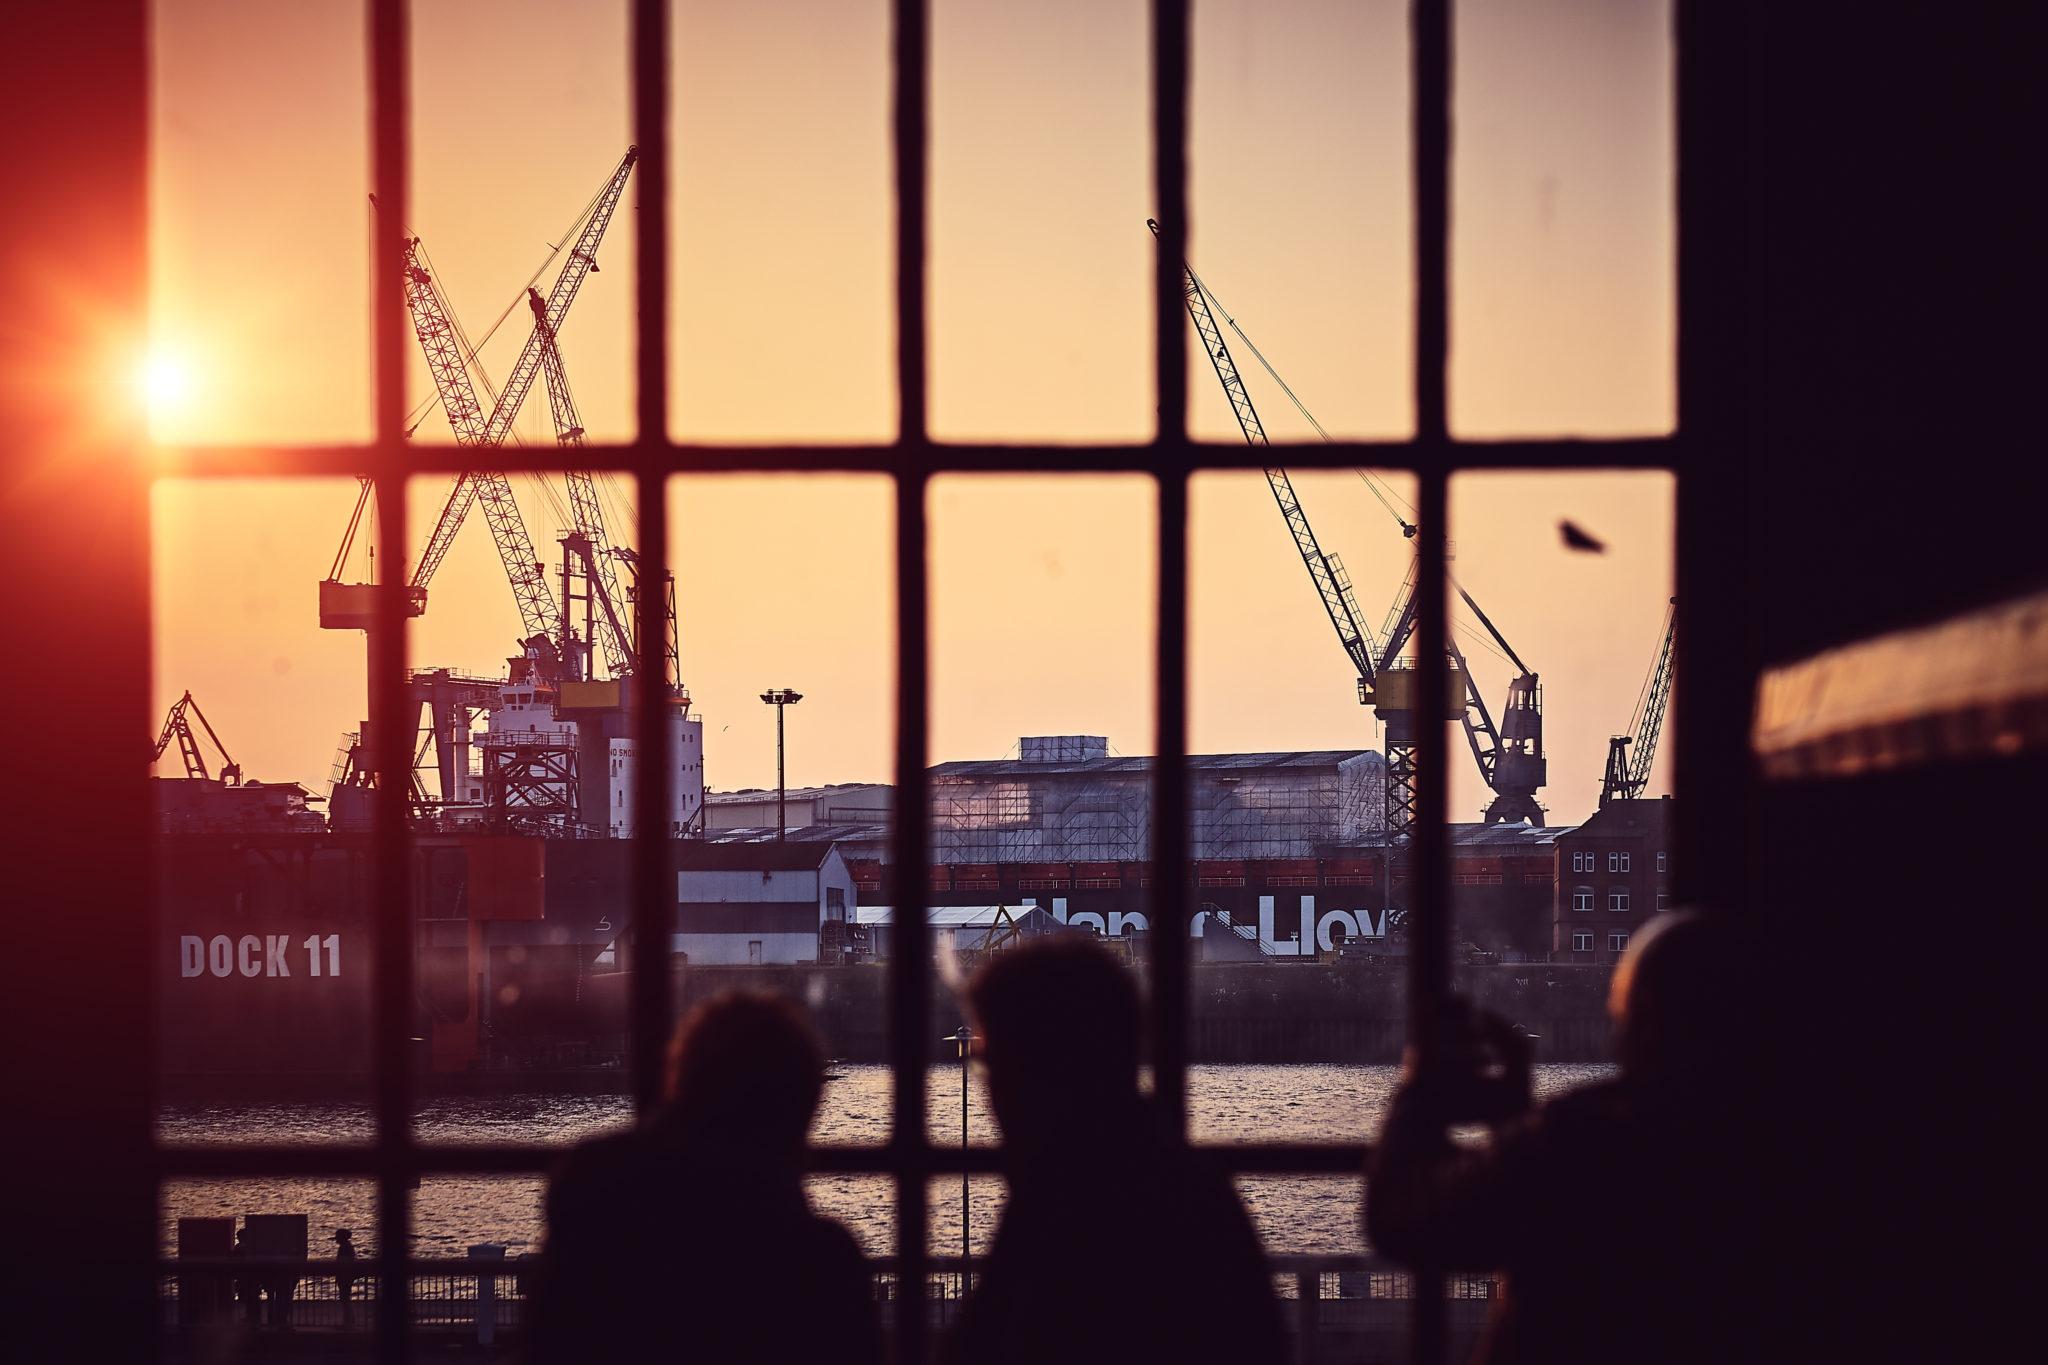 Hamburg_18-01-14_156_4